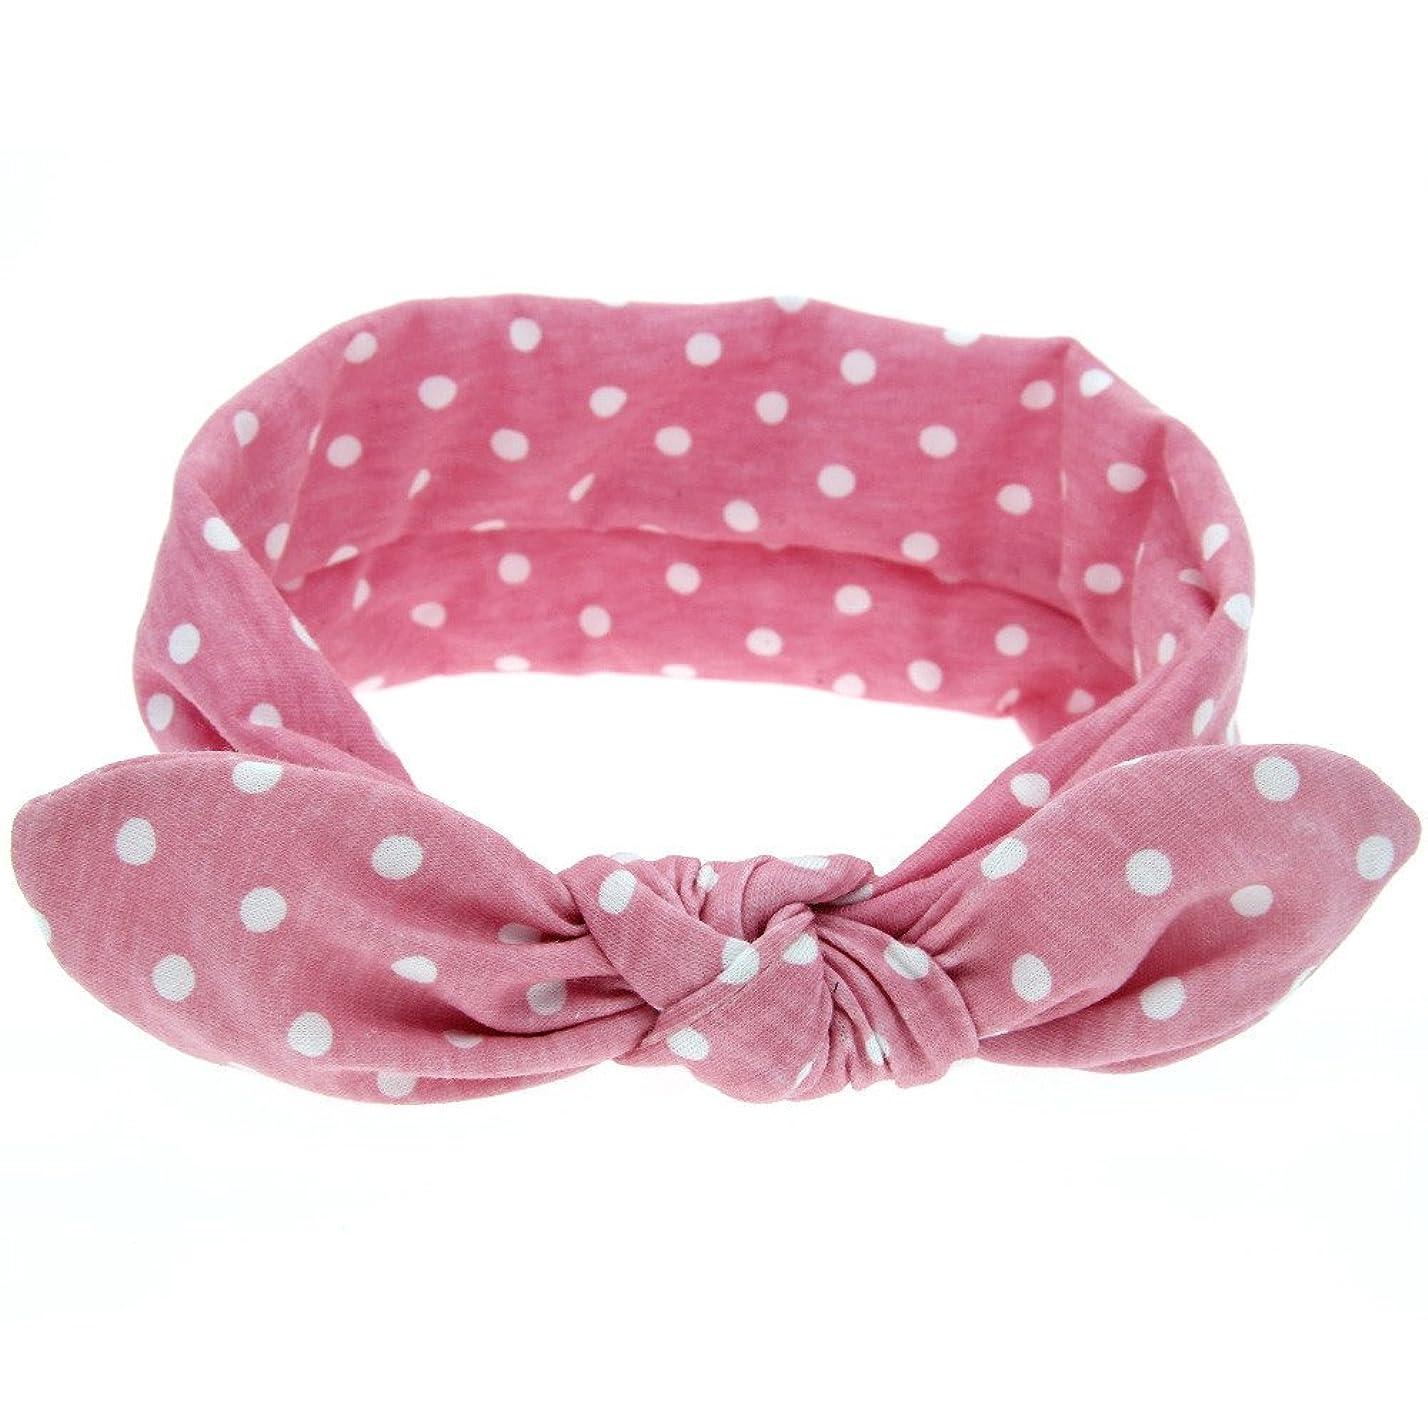 パック泥沼にYOKINO 女性 女子 赤ちゃん ヘアバンド ウサギの模様 洗濯可能 旅行、機内、運動 薄い 軽量 柔らか可愛い ウサギのヘッドバンド (ピンク)